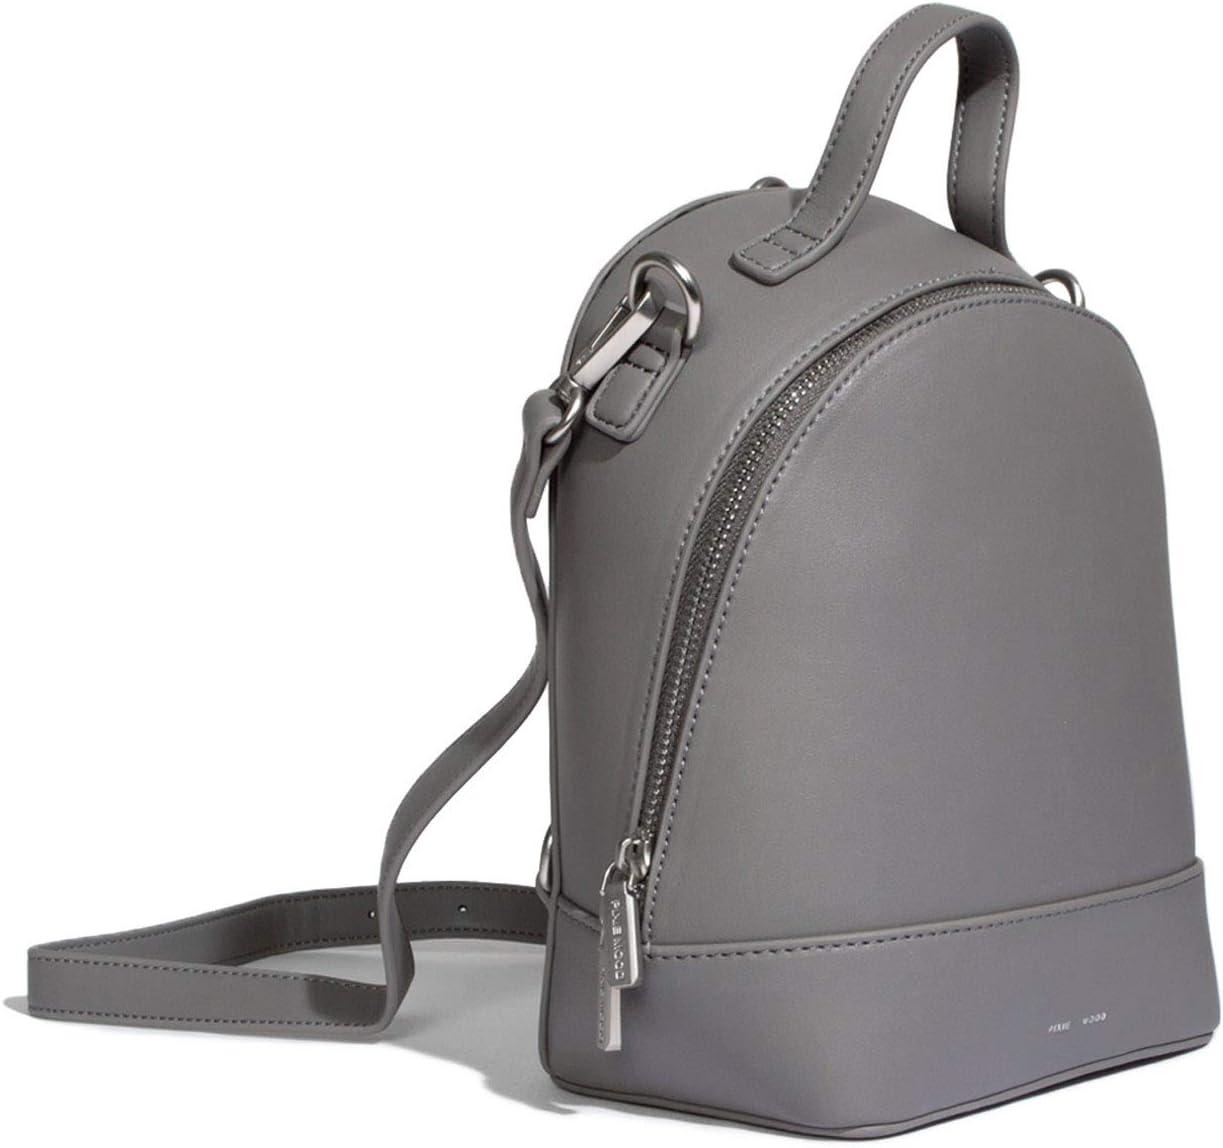 Cora Small Stylish Black 9 x 7 Vegan Leather Basic Multipurpose Backpack